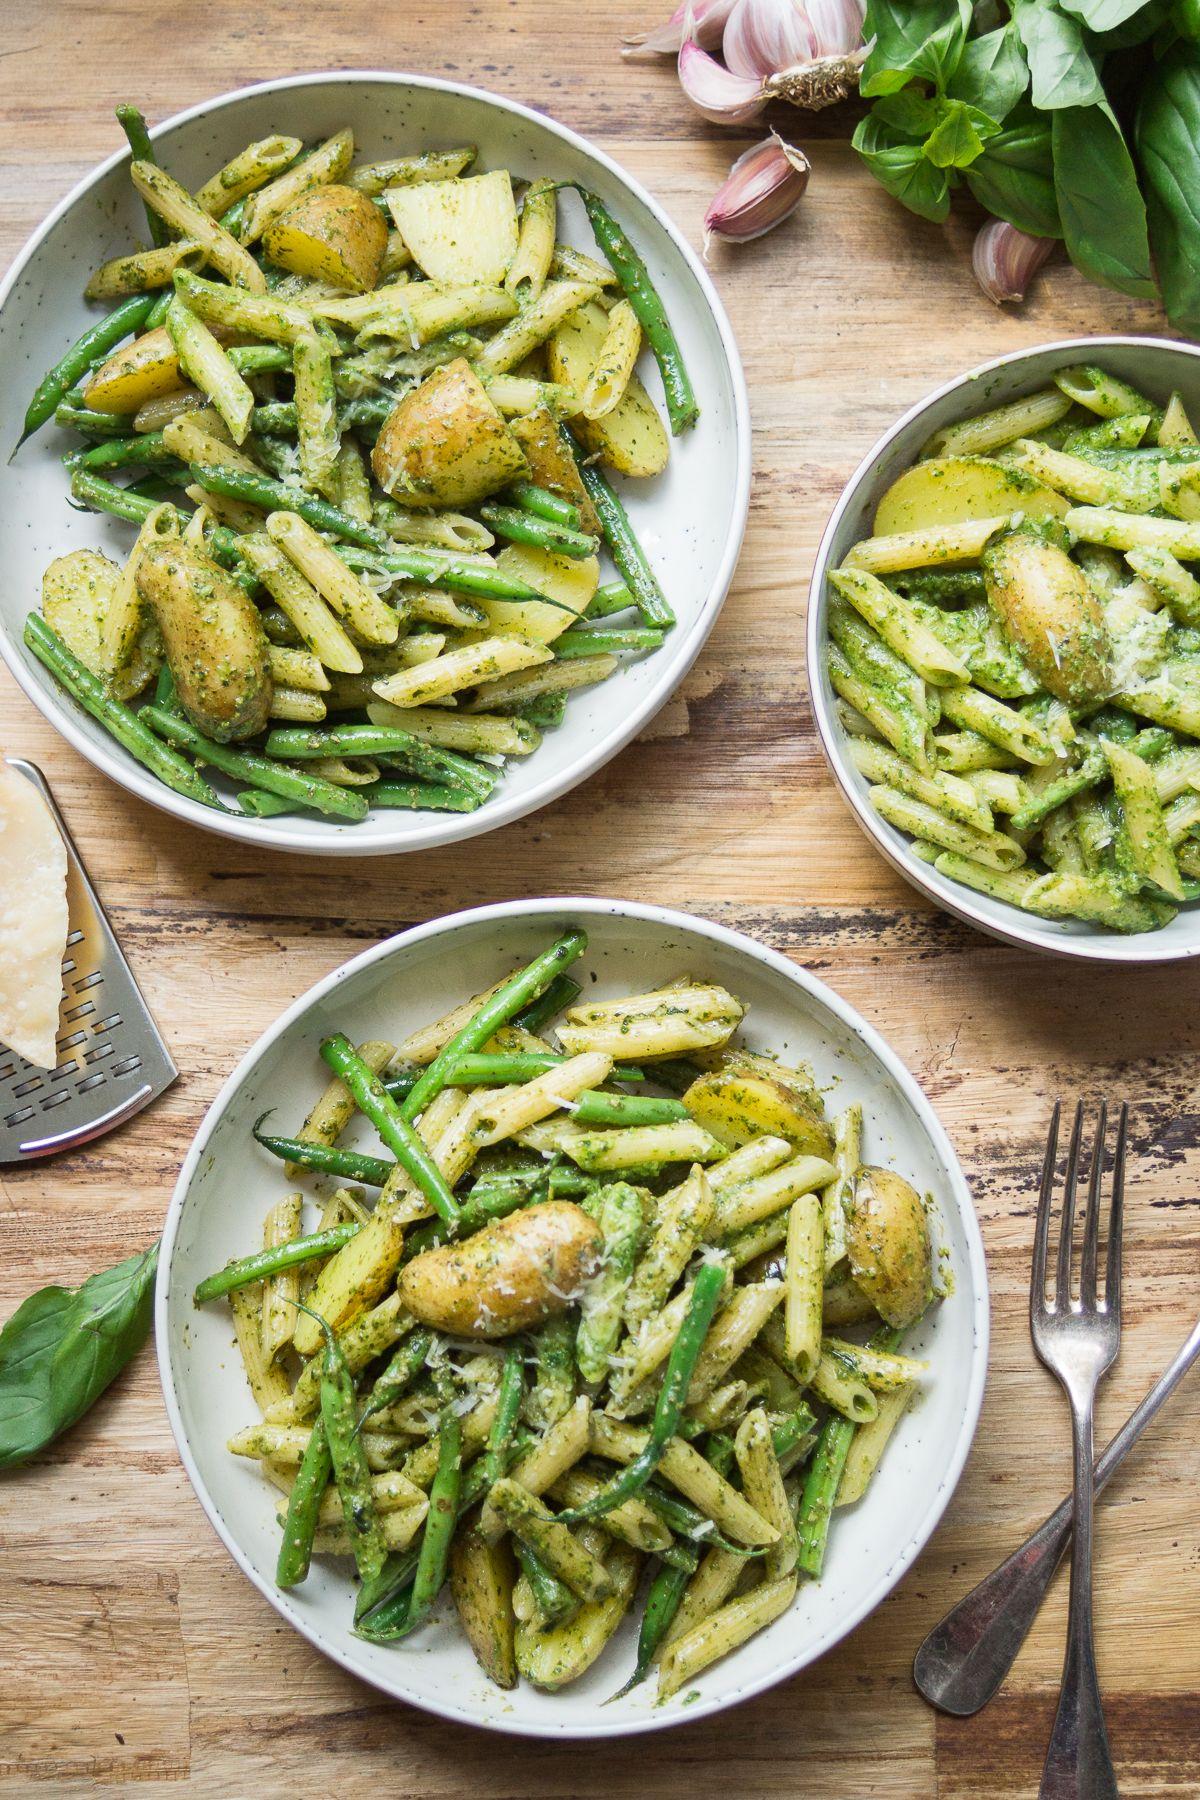 Dieta FODMAP: todo lo que necesita saber sobre el plan de alimentos para combatir la hinchazón